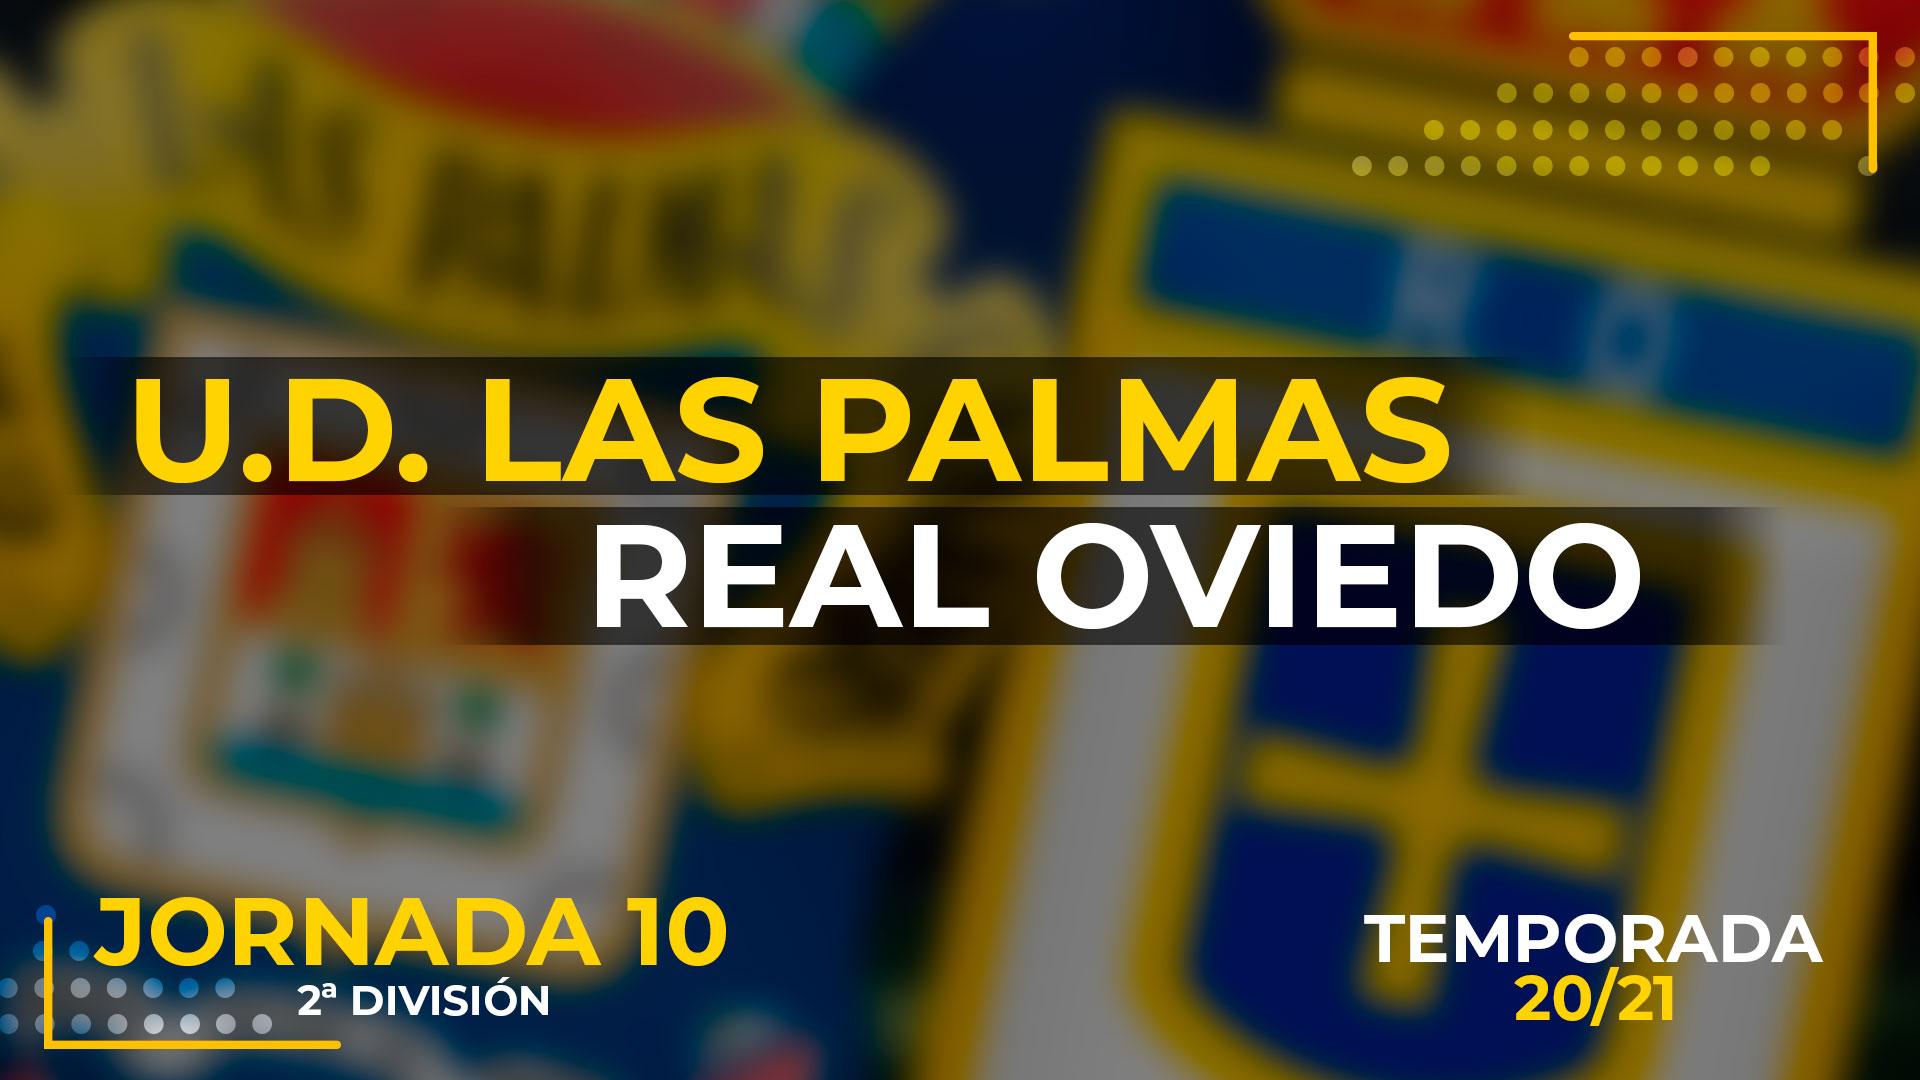 UD Las Palmas vs Oviedo